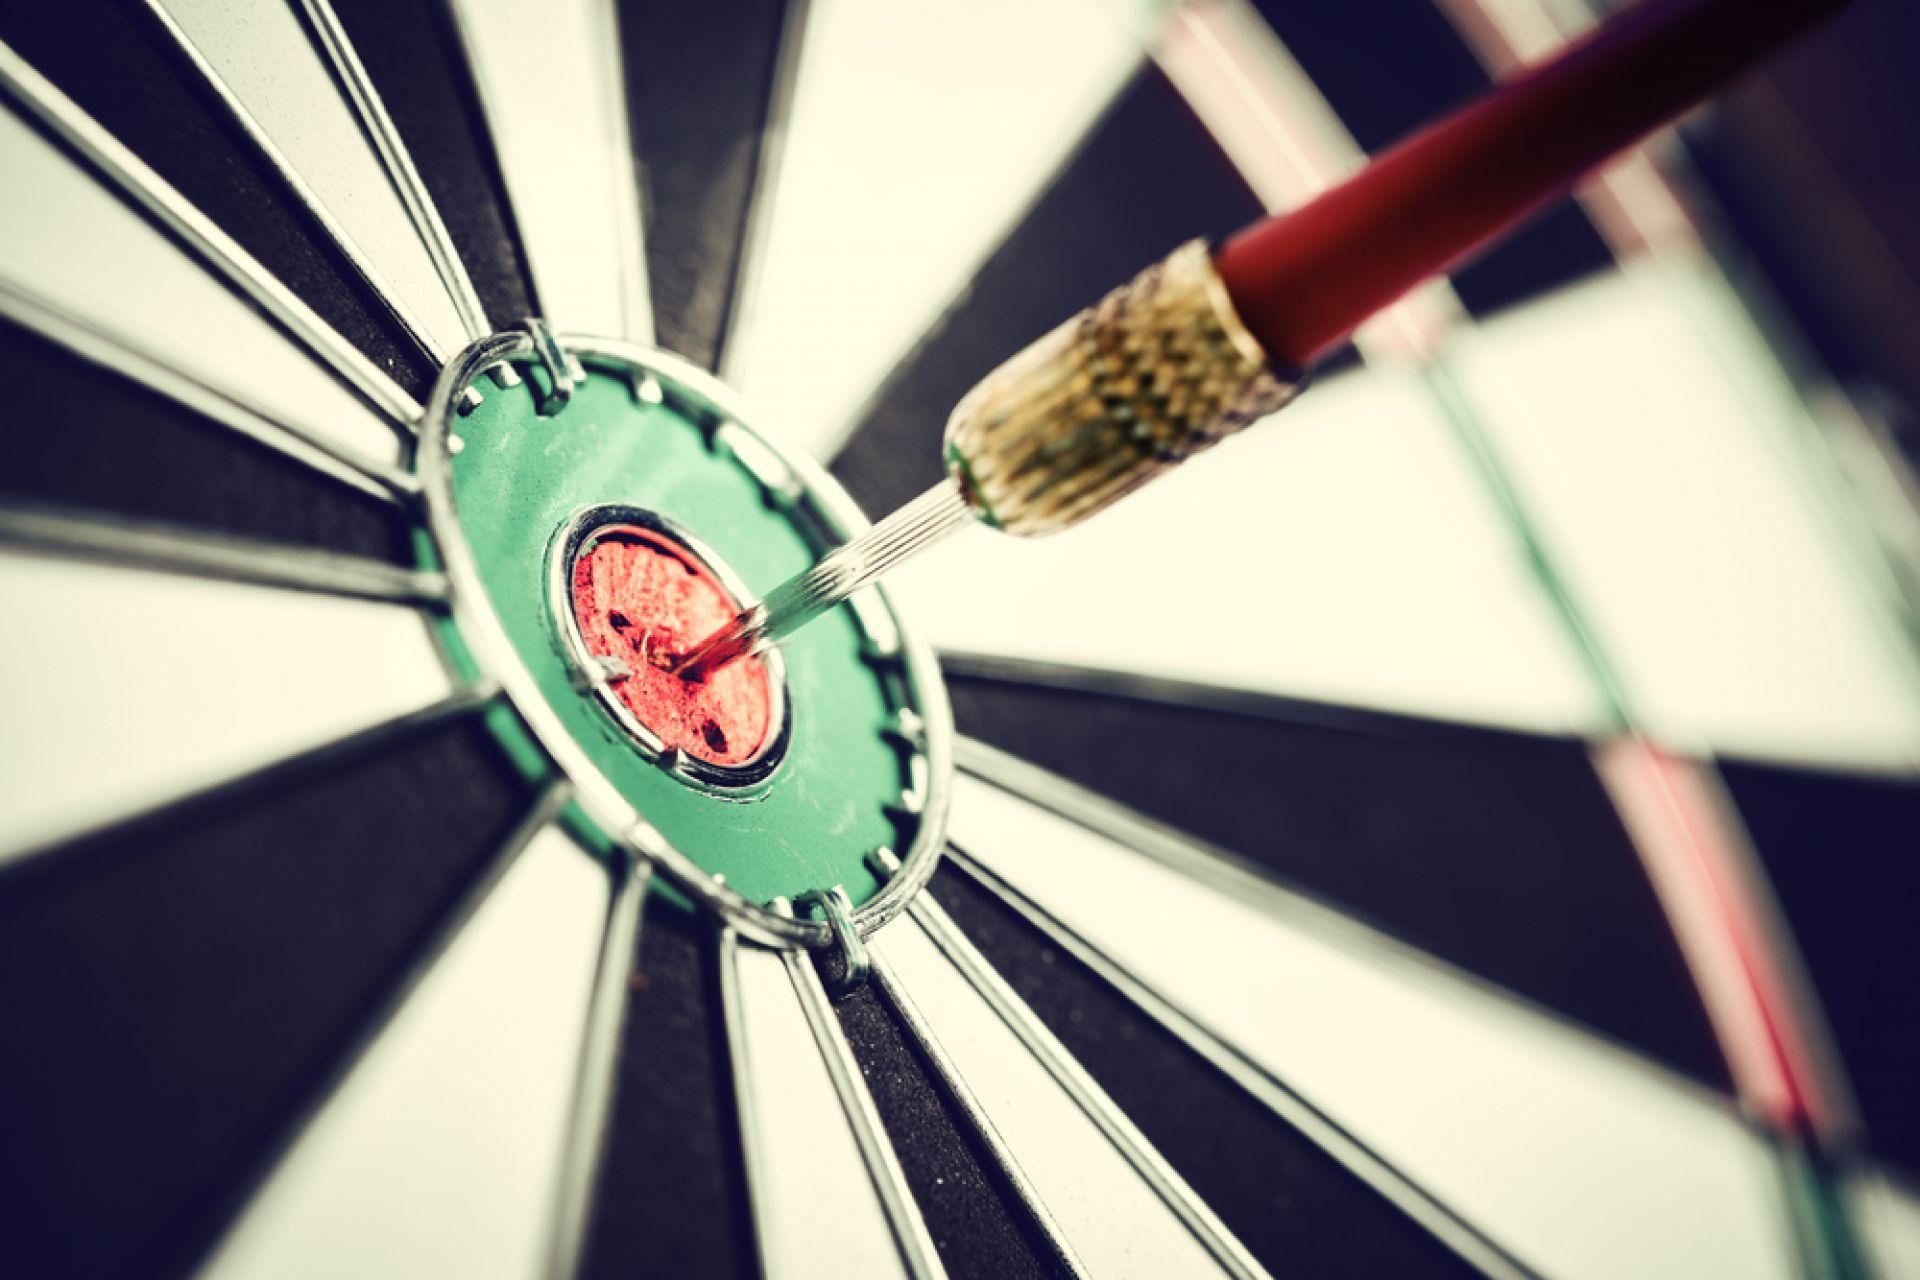 Zomerranking darttoernooi van start bij de Burgemeester en de Boemel